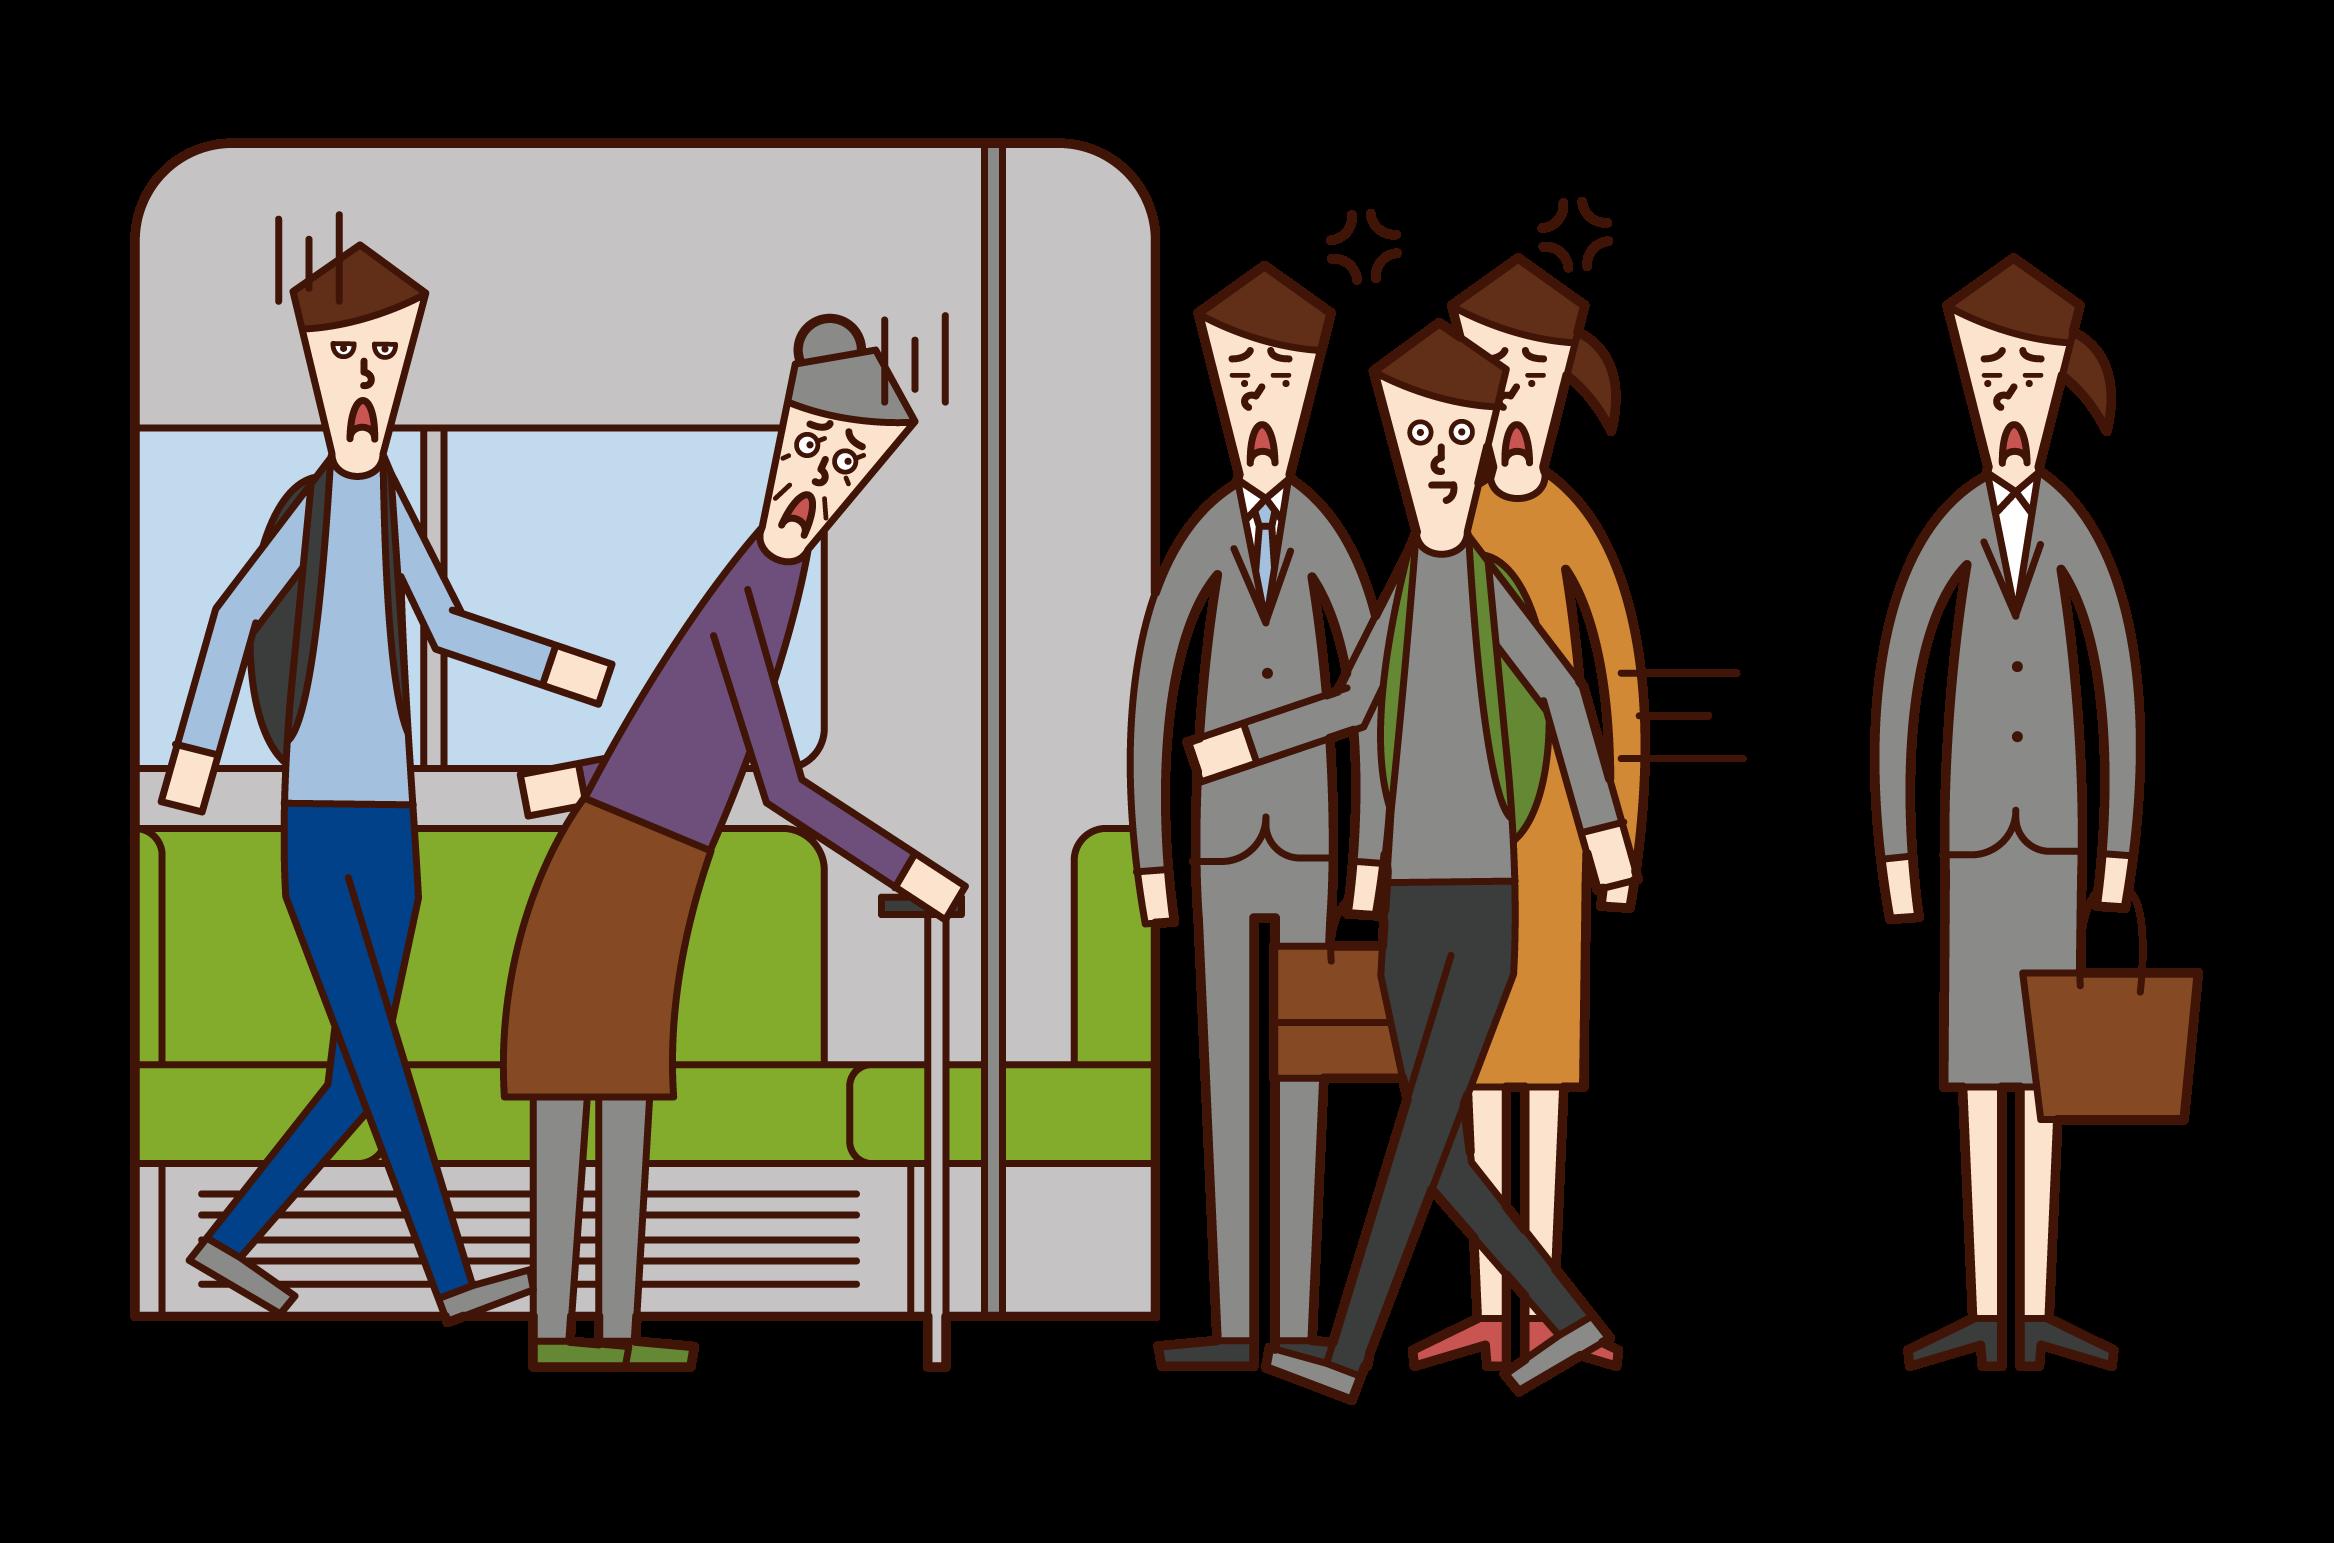 乘車者(男性)的插圖